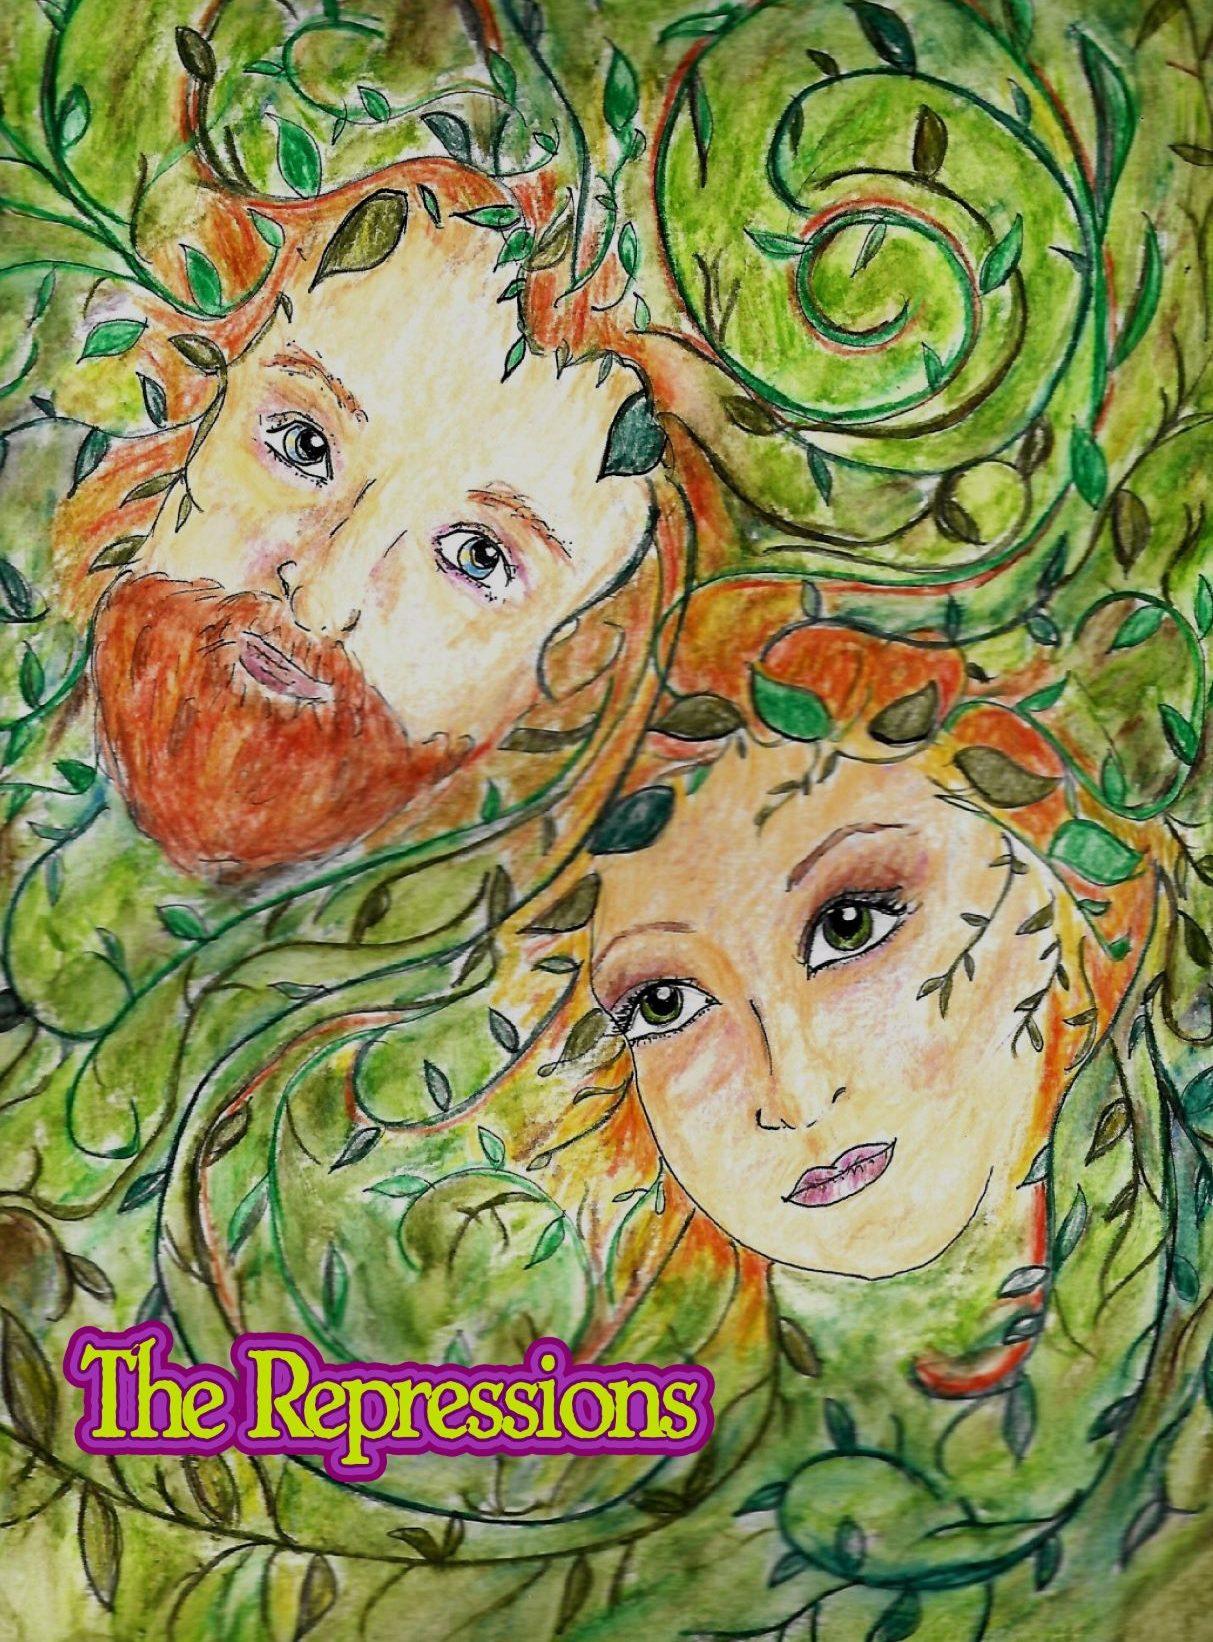 The Repressions Ⓥ